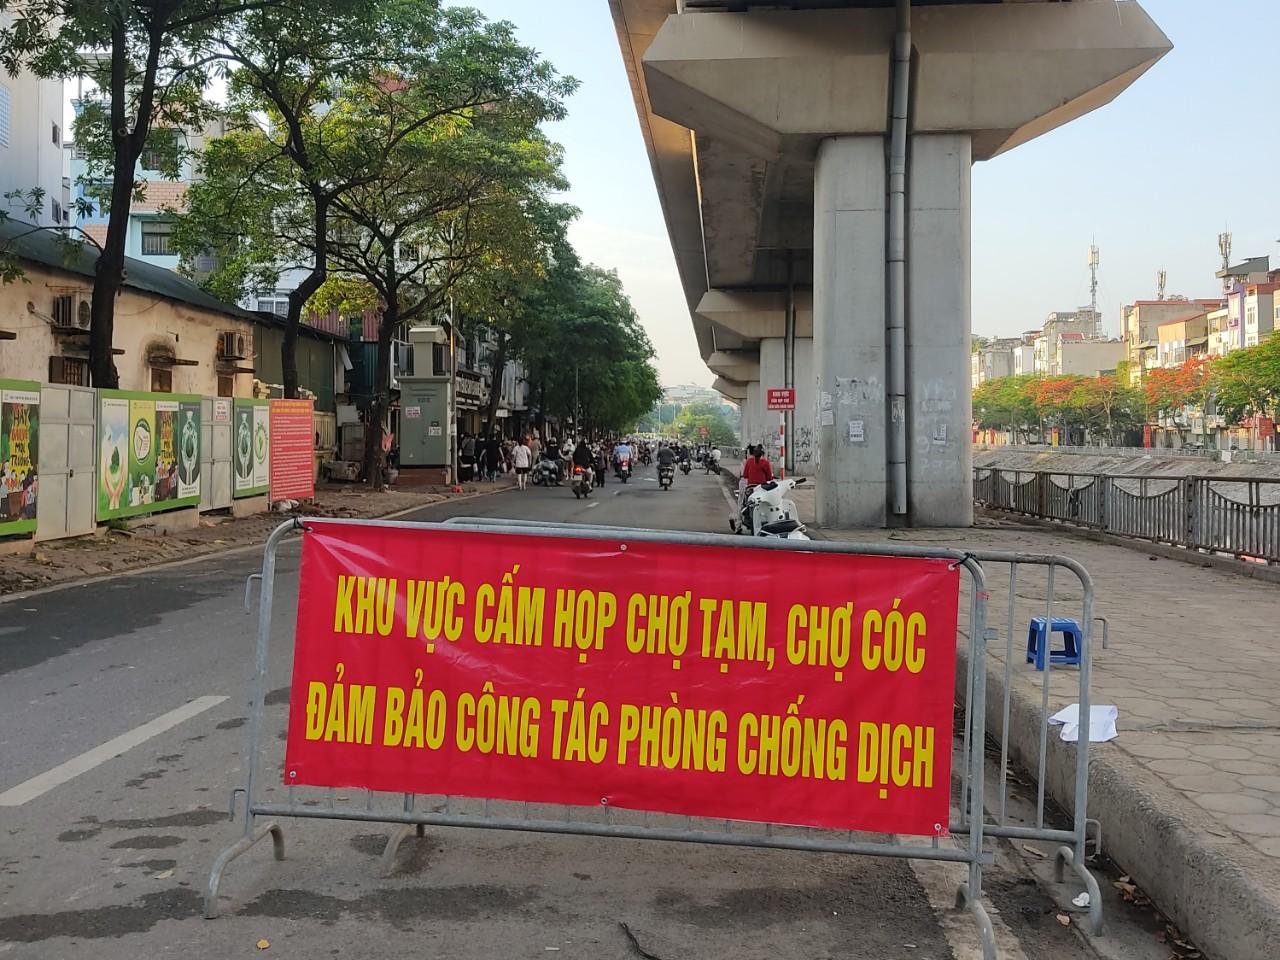 Chợ cóc, chợ tạm ở Hà Nội vẫn hoạt động bất chấp lệnh cấm - Ảnh 7.